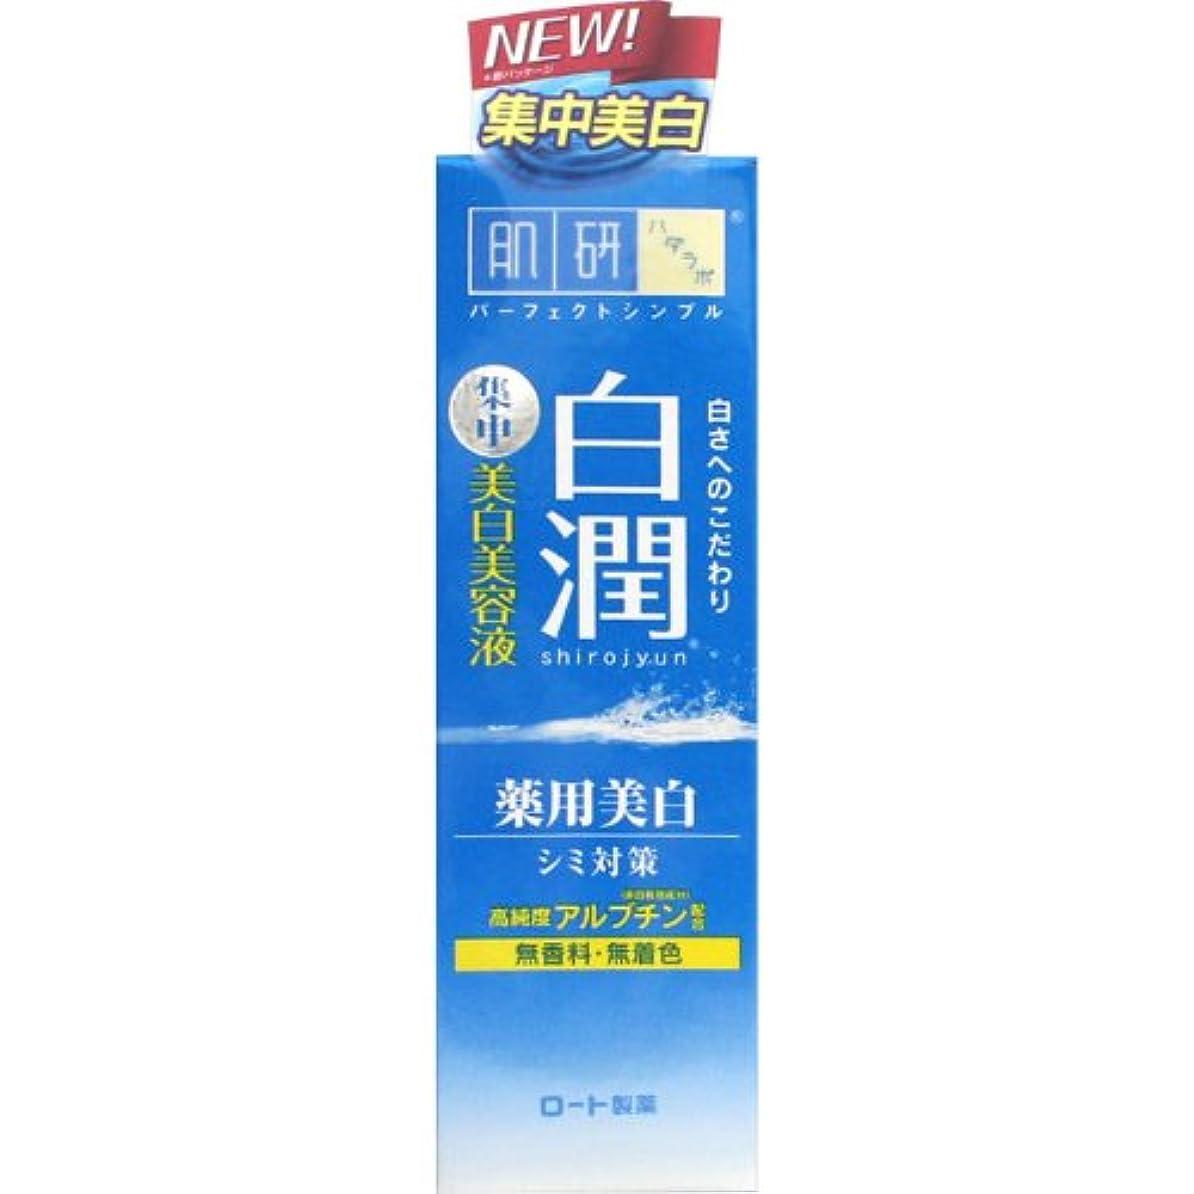 コレクションアフリカ人原始的な【医薬部外品】肌研(ハダラボ) 白潤 薬用美白美容液 30g